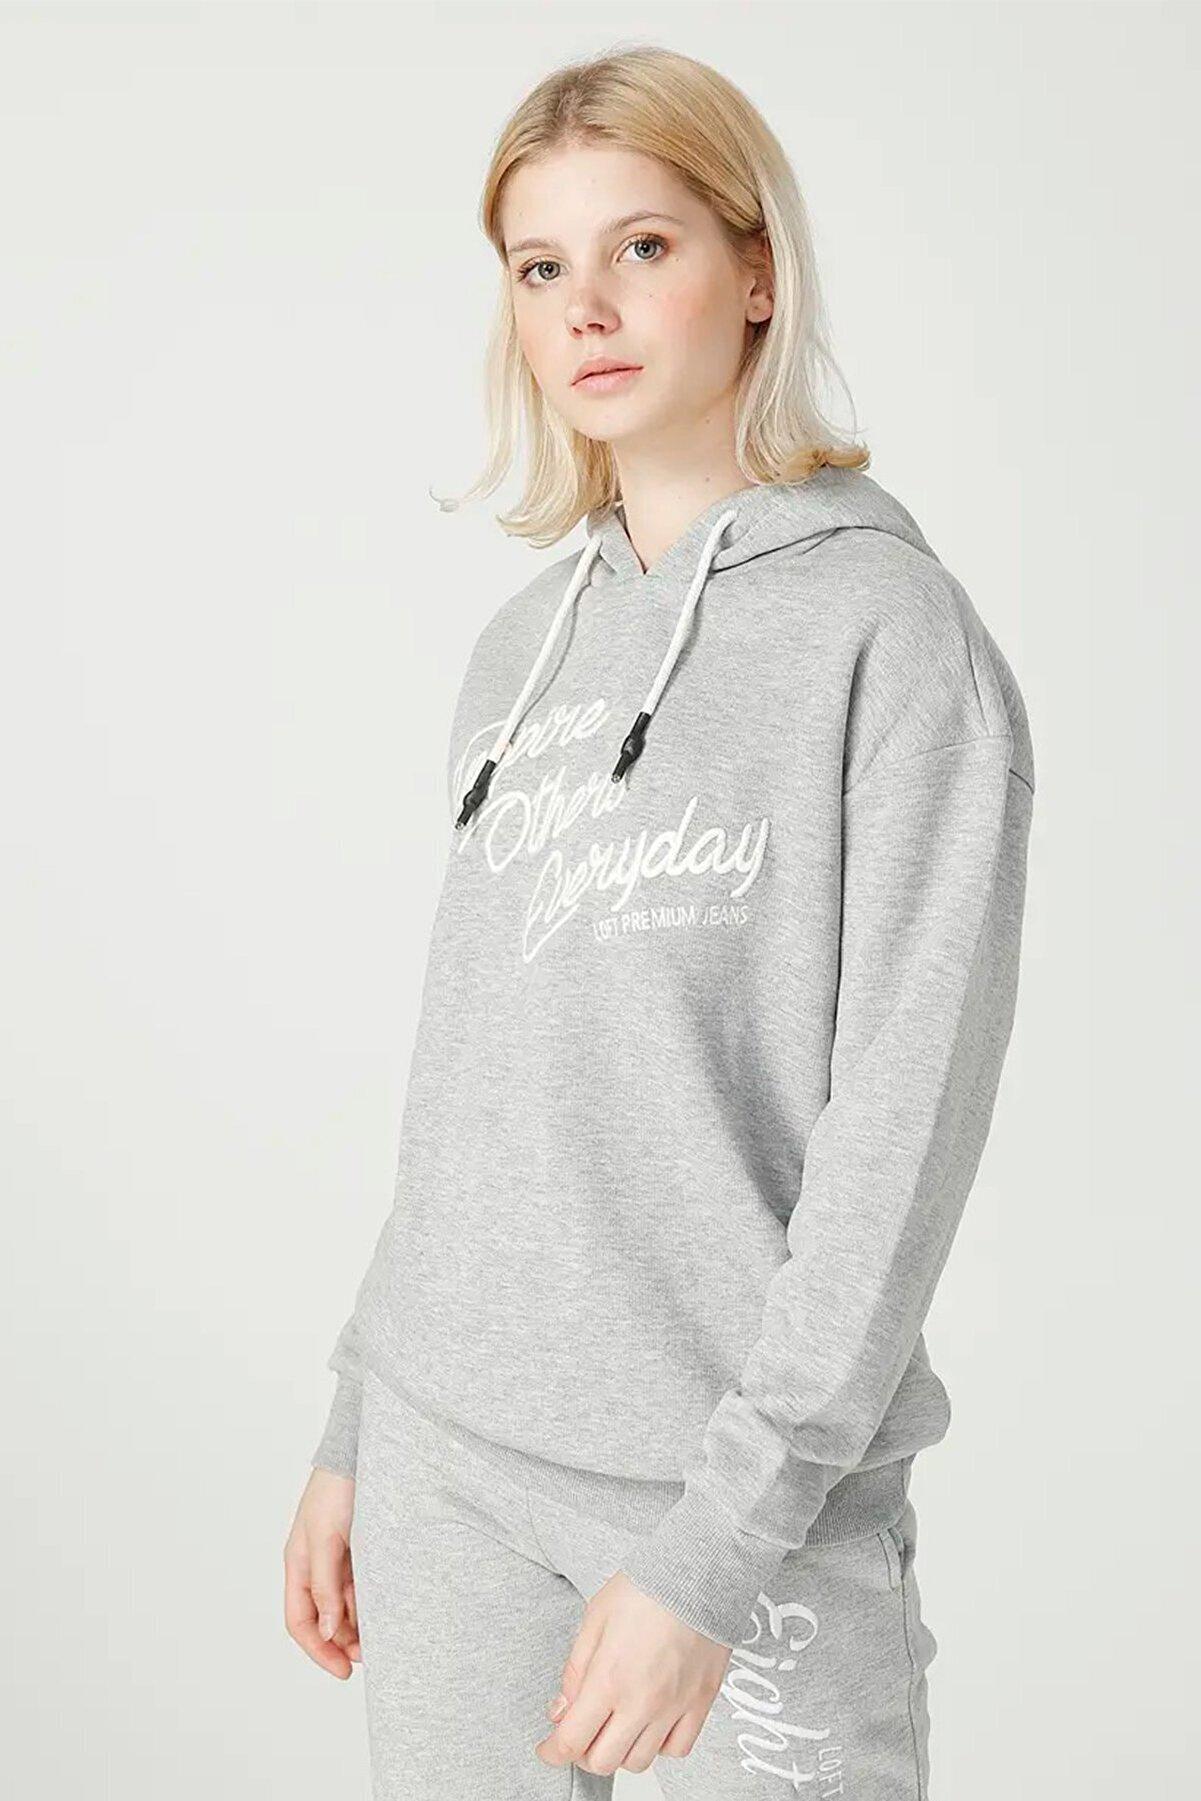 Loft Kadın Yazılı Kapüşonlu Gri Sweatshirt Lf2025560